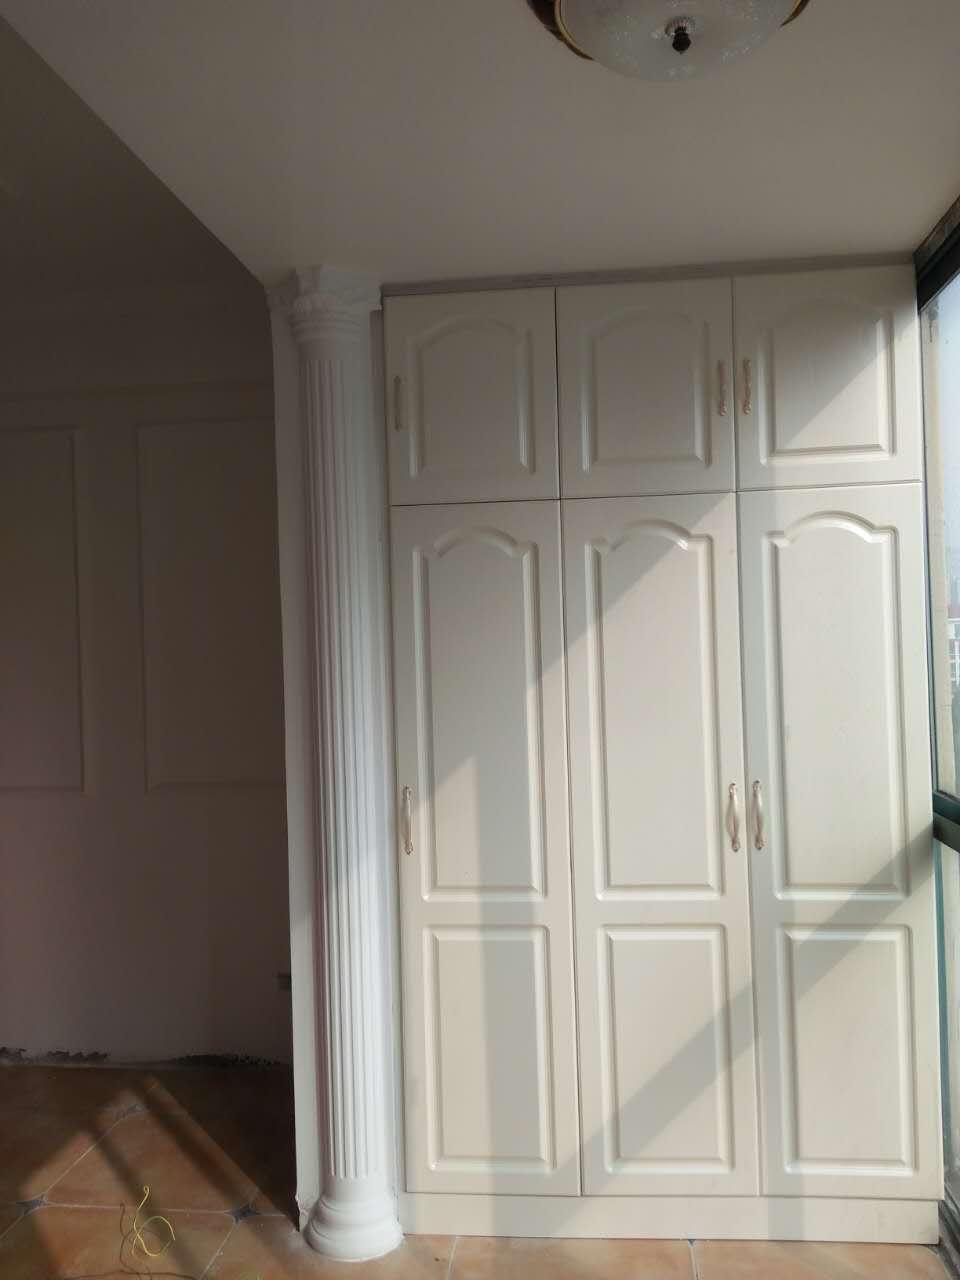 臨沂裝飾公司裝修吊頂室內門木工壁櫥影視墻新房裝飾       裝修設計